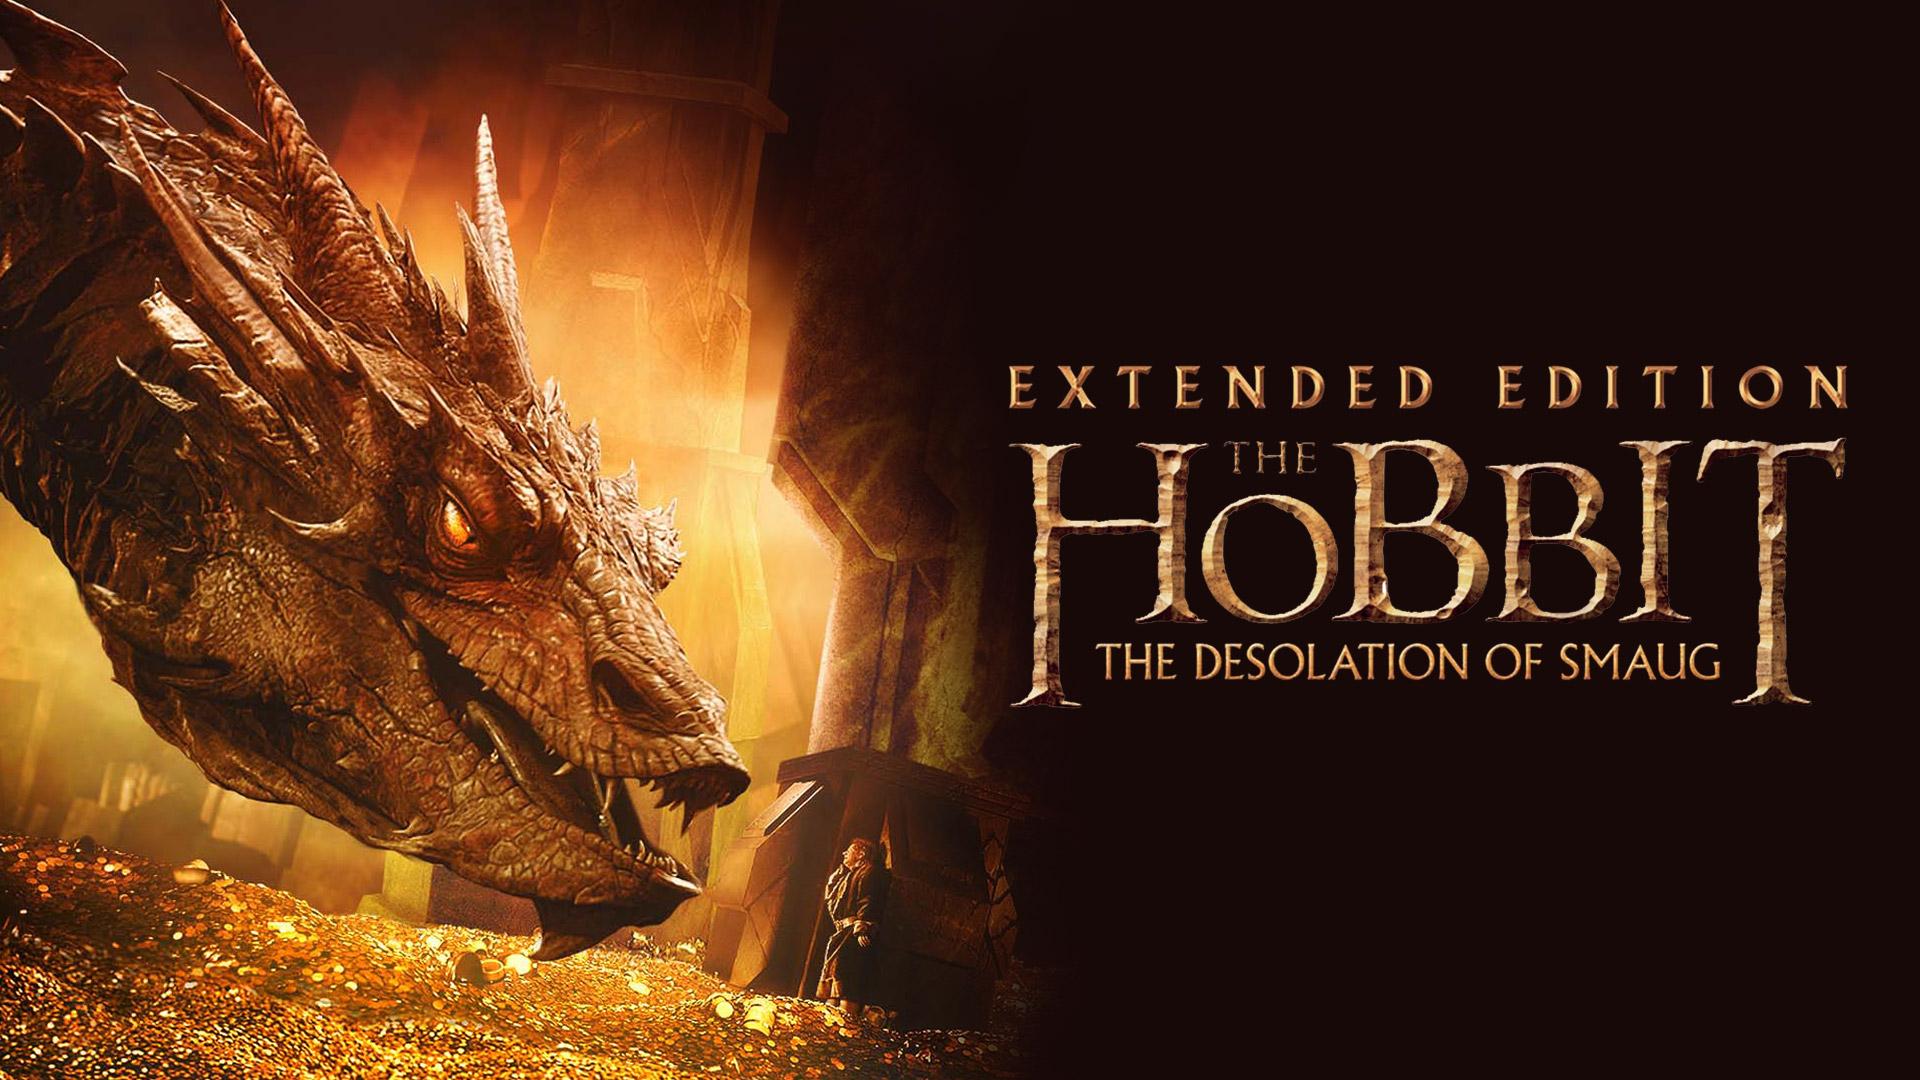 ホビット 竜に奪われた王国 エクステンデッド・エディション(特典映像付)(字幕版)